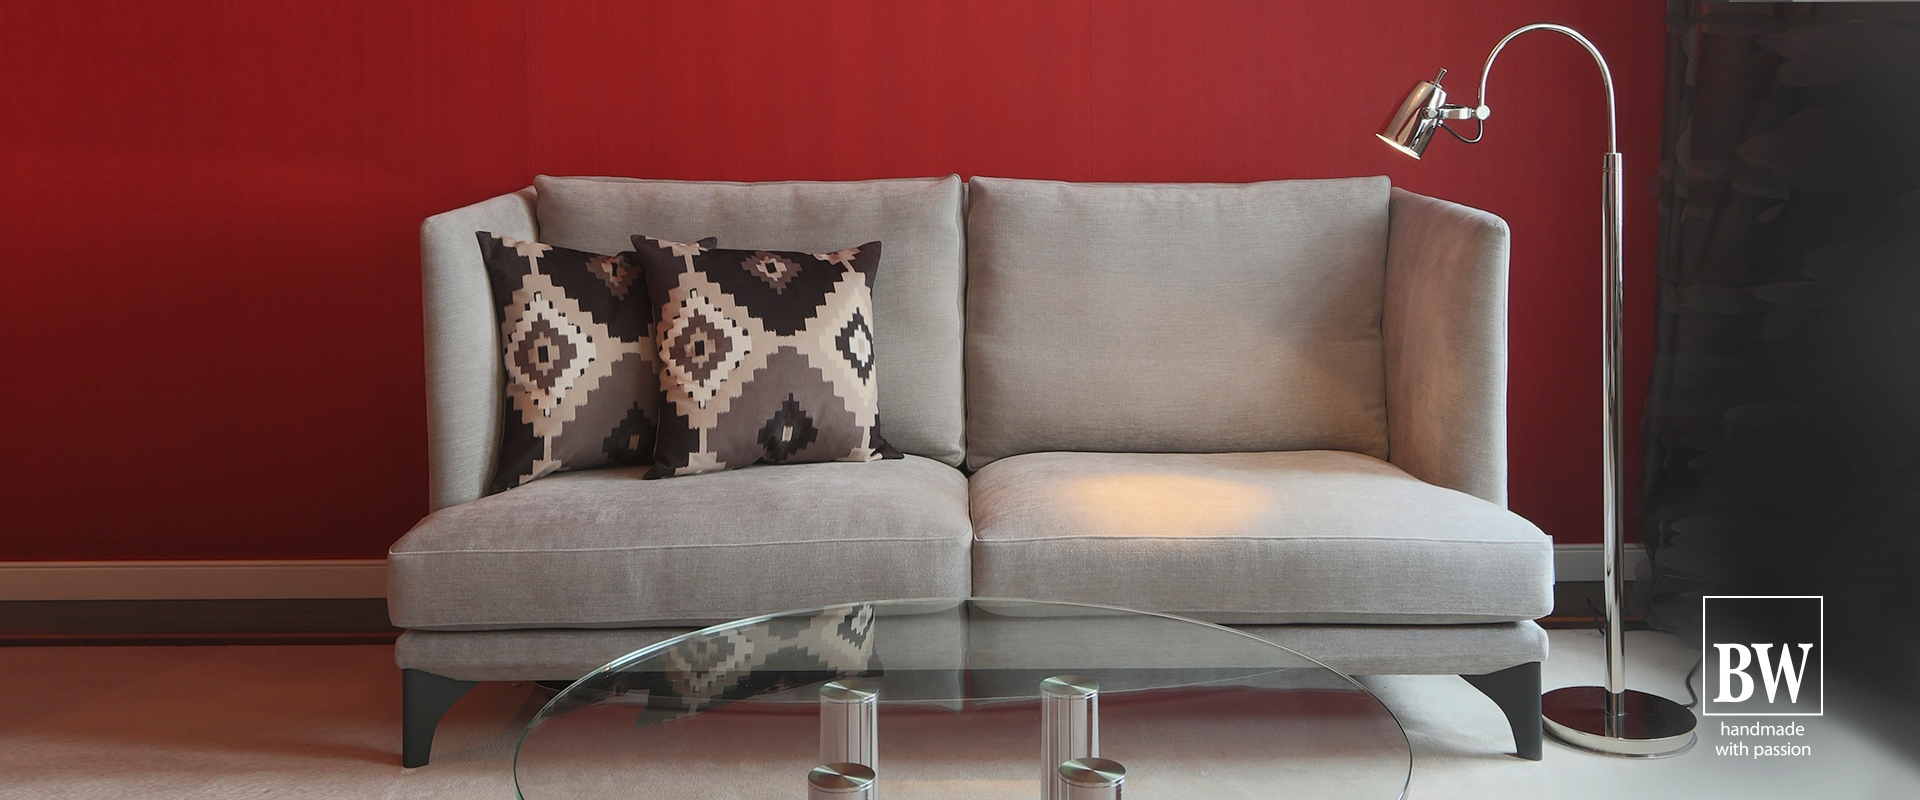 Im BW-Studio Hannover by Hans G. Bock finden Sie das Sofa Polo Lounge.